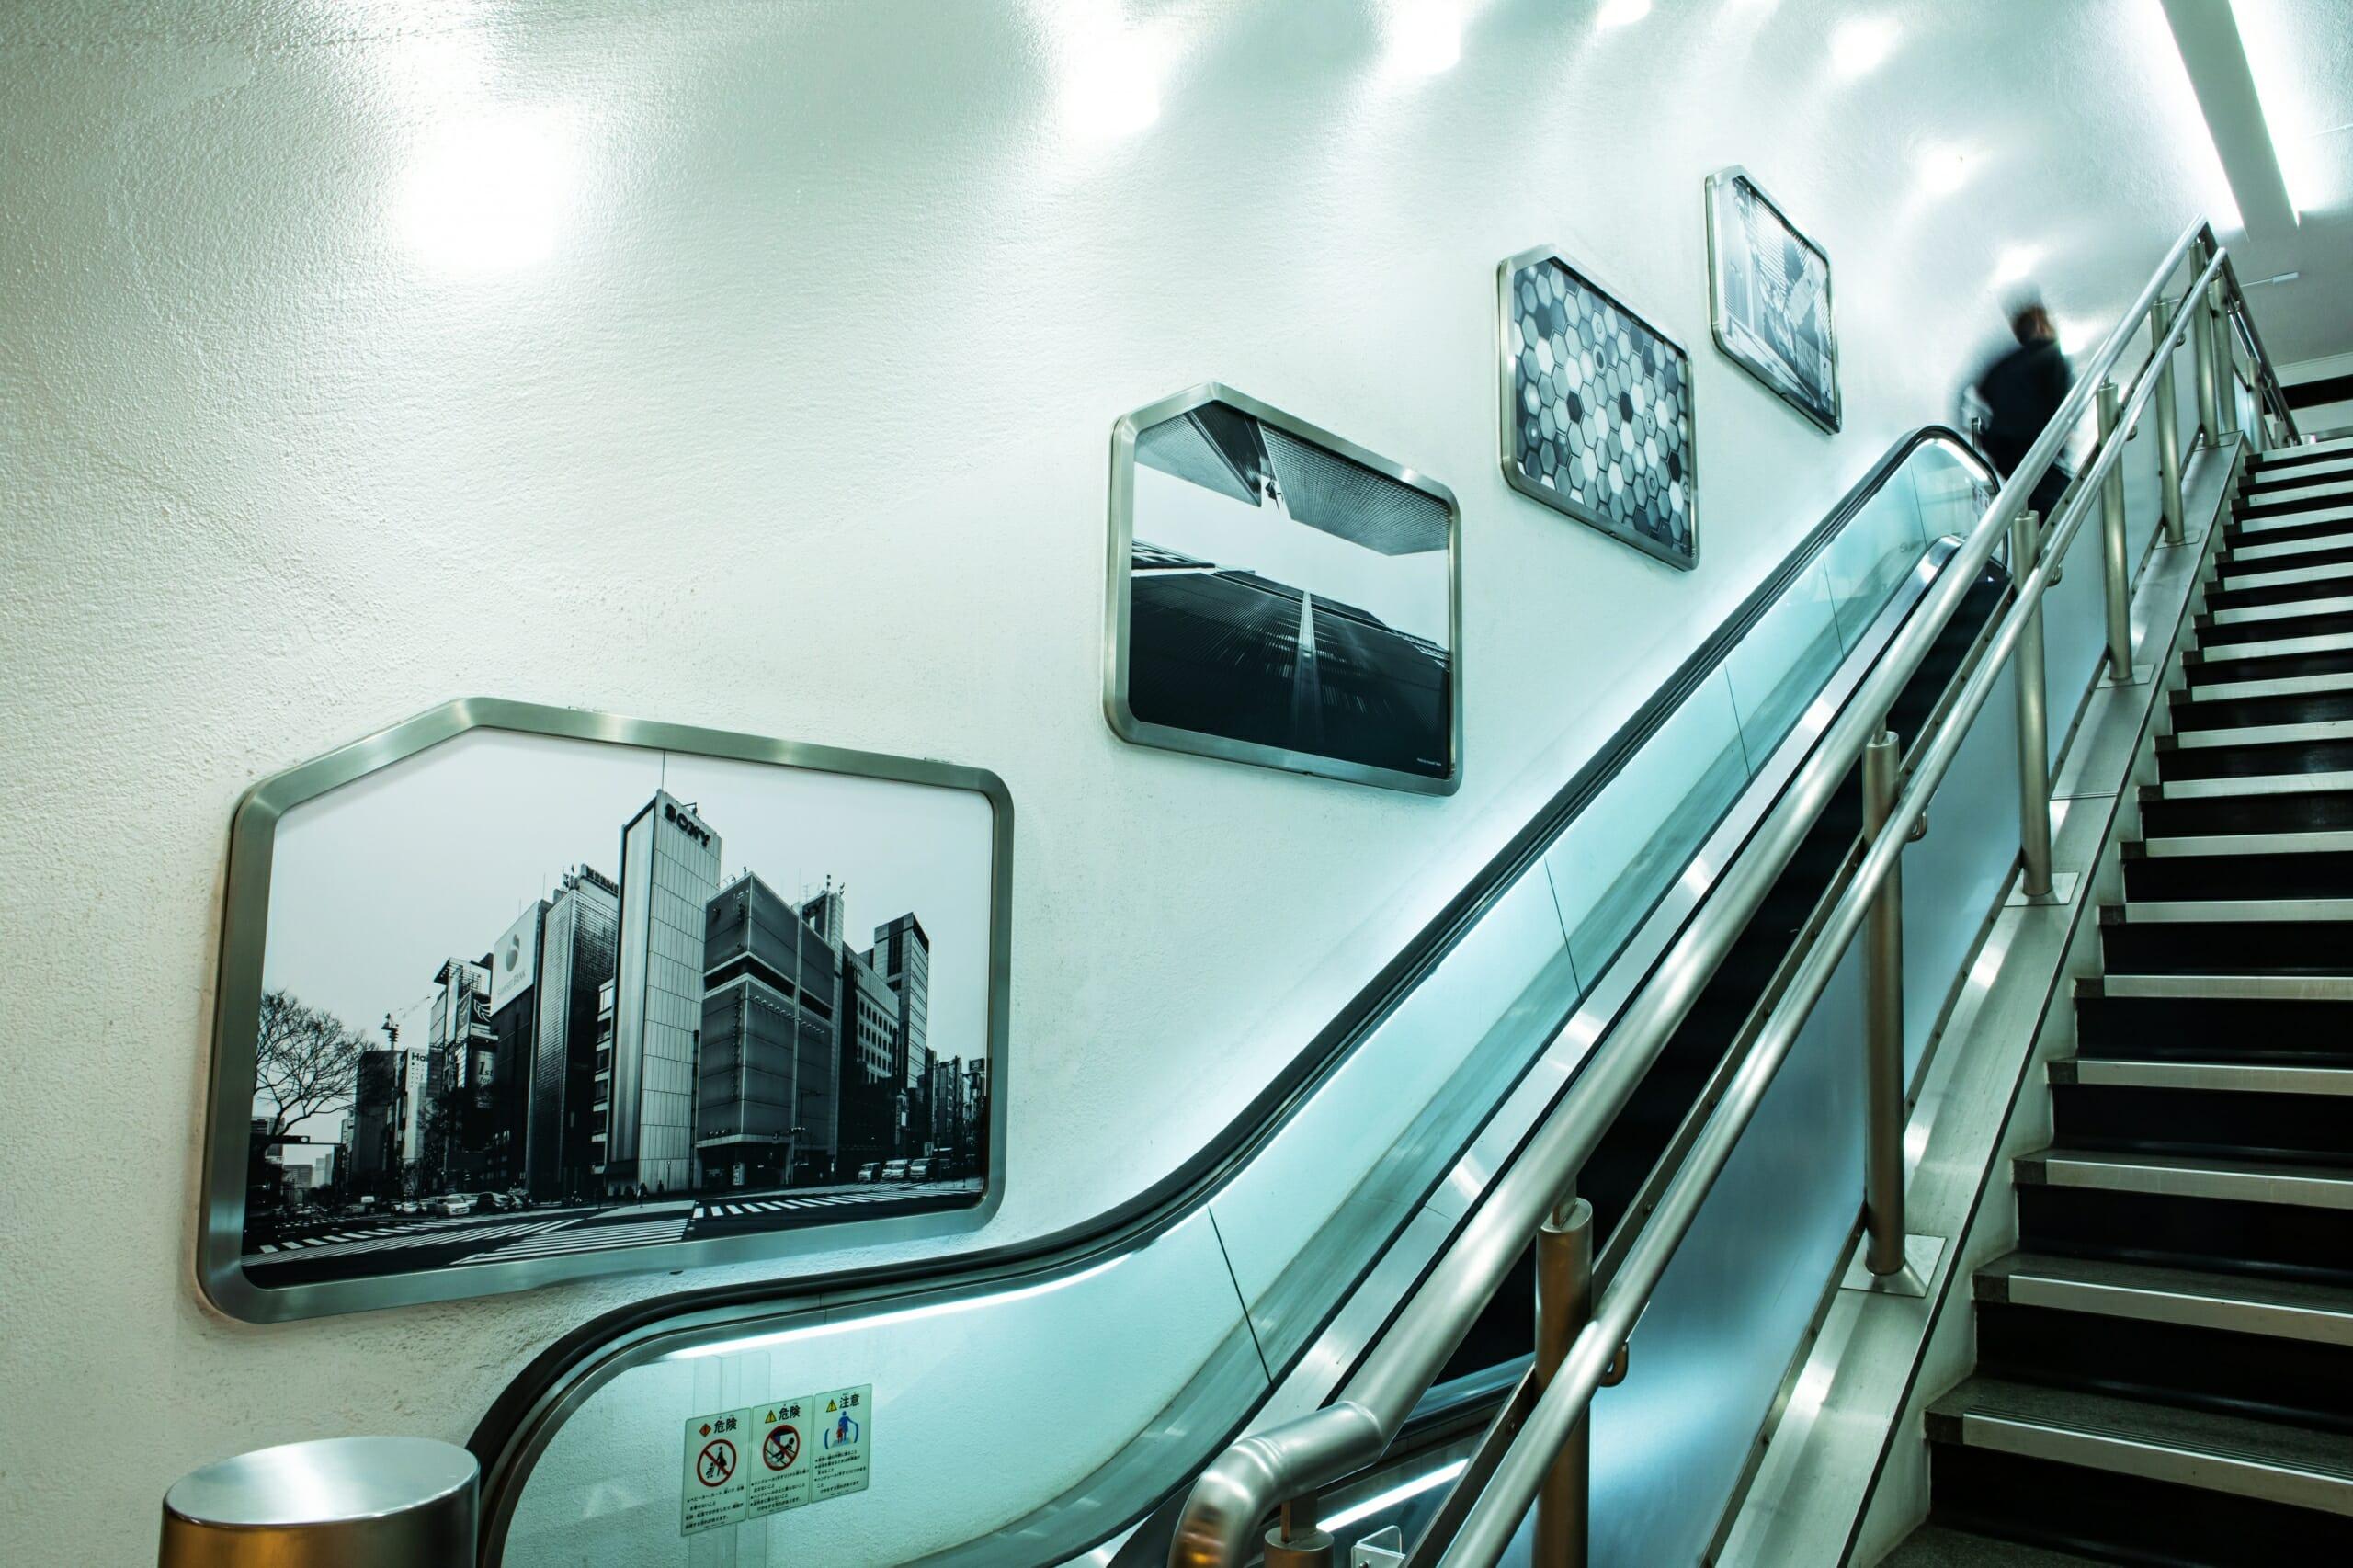 地下鉄通路からつながるエスカレーターは当時のまま。壁には旧ソニービルの写真がギャラリーのように飾られている。